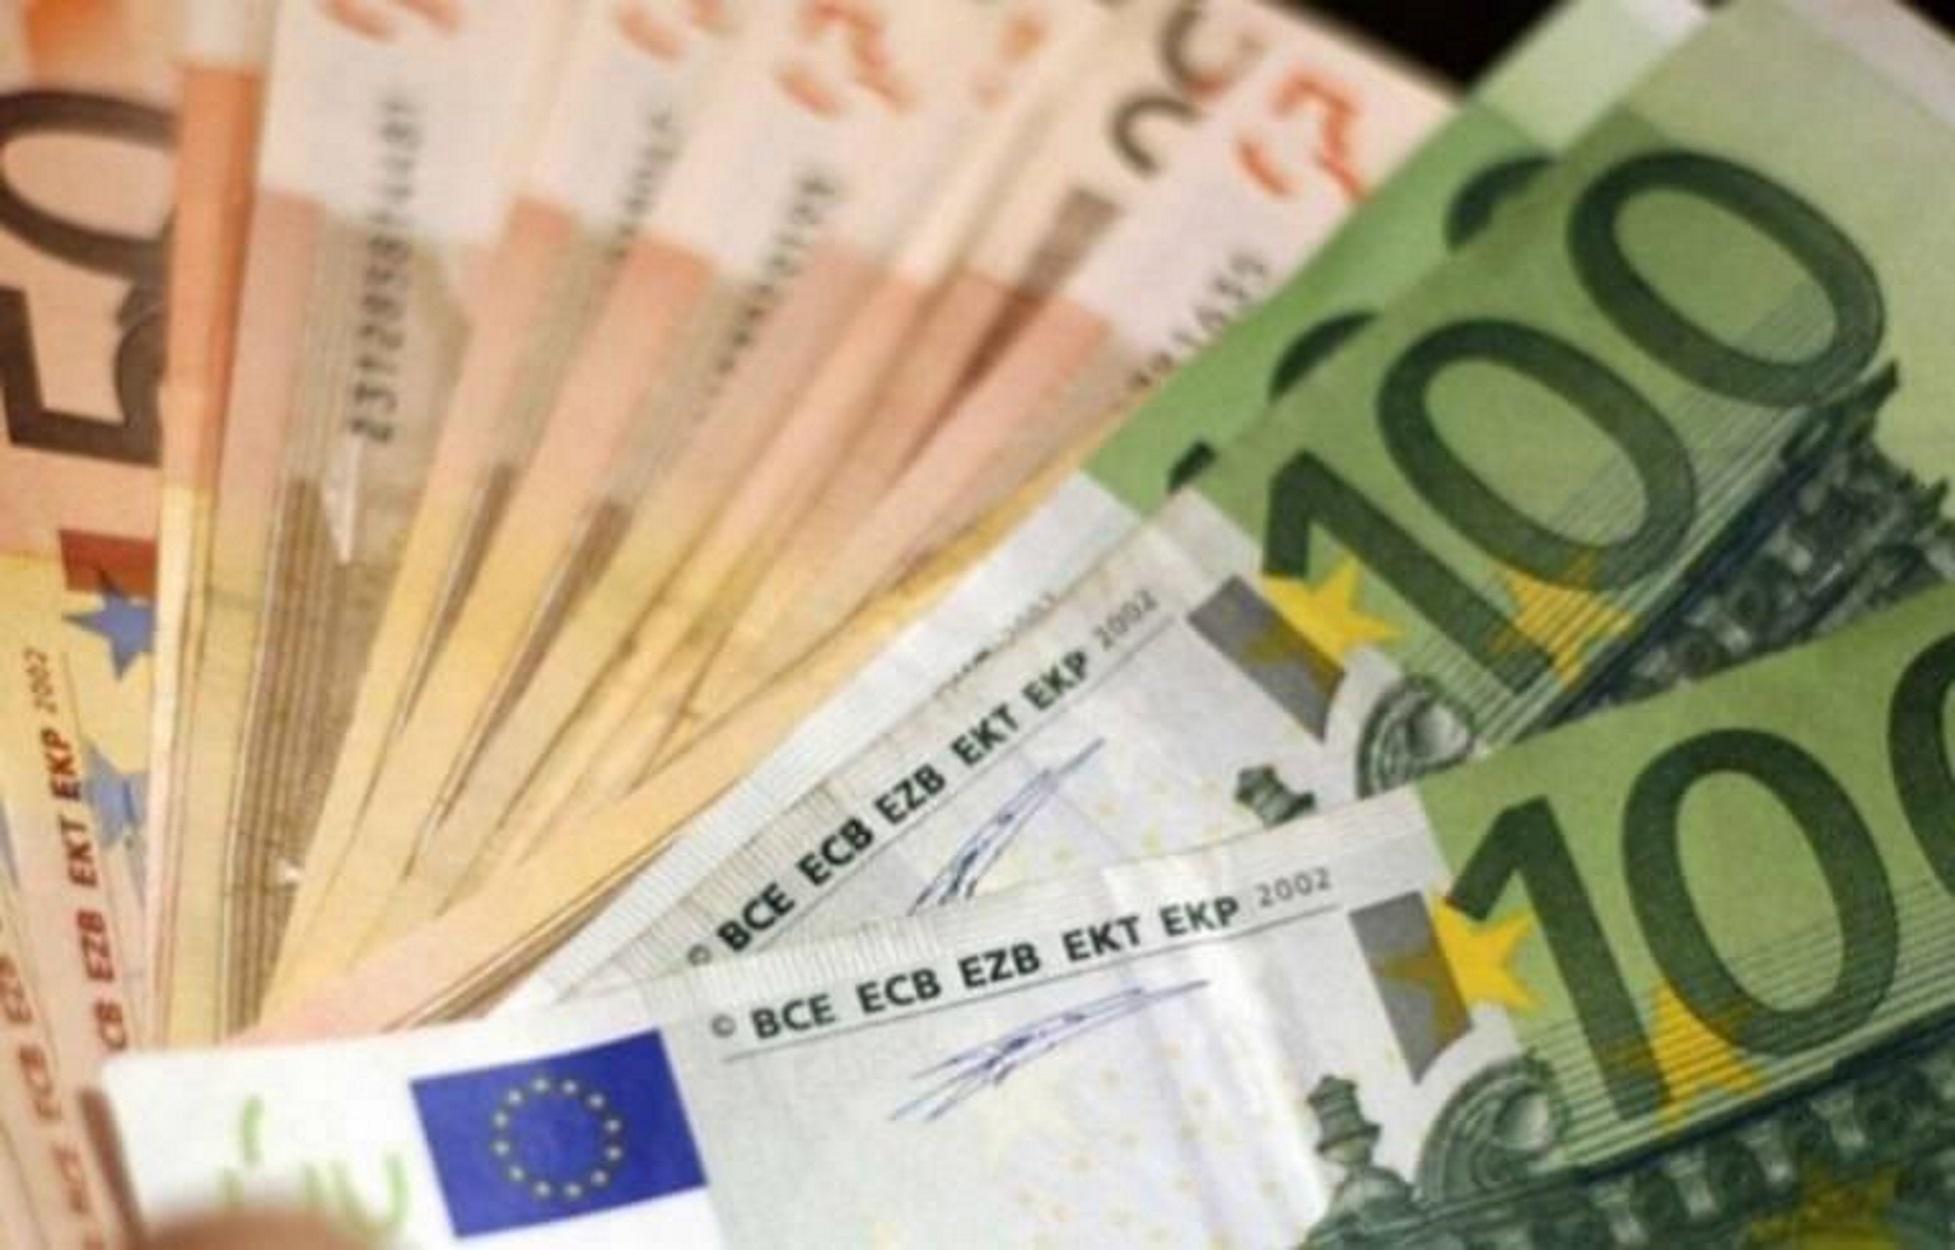 Μεσσηνία: Έρευνες για τους ληστές που φορούσαν μάσκες και καπέλα – Βούτηξαν 6.000 ευρώ